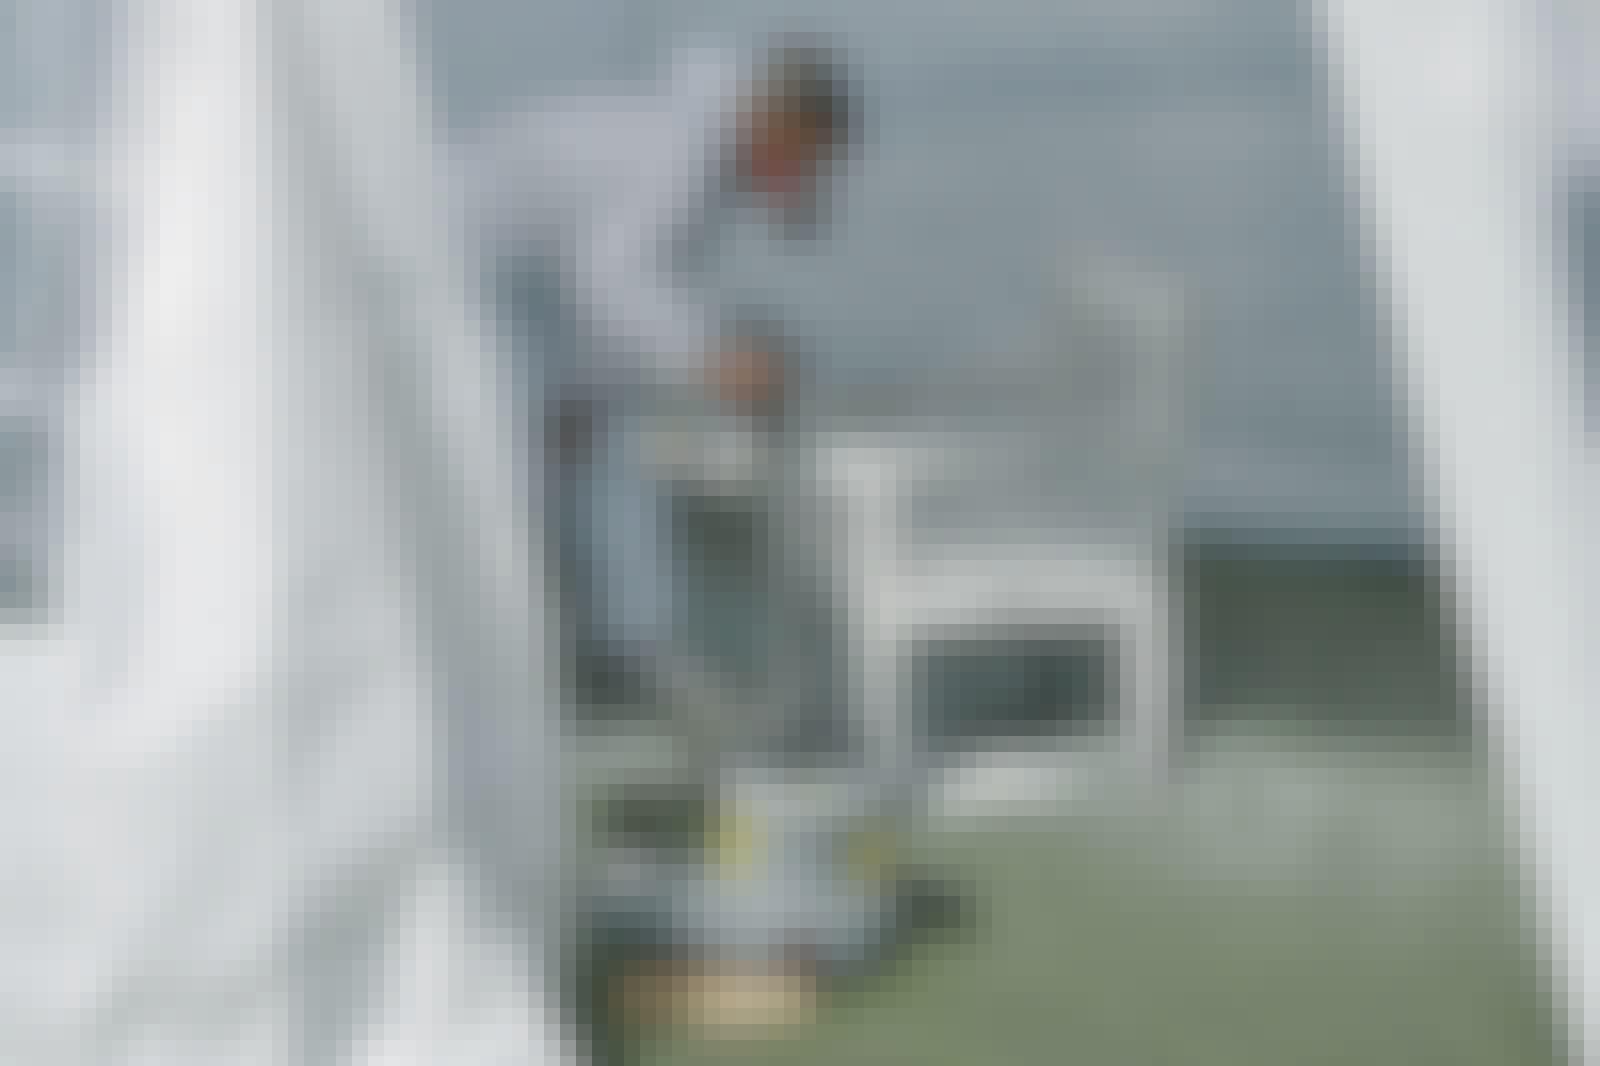 Ruiskumaalaus: Jos haluat suojata paikat perusteellisesti, voit rakentaa pihalle väliaikaisen maalaushuoneen.